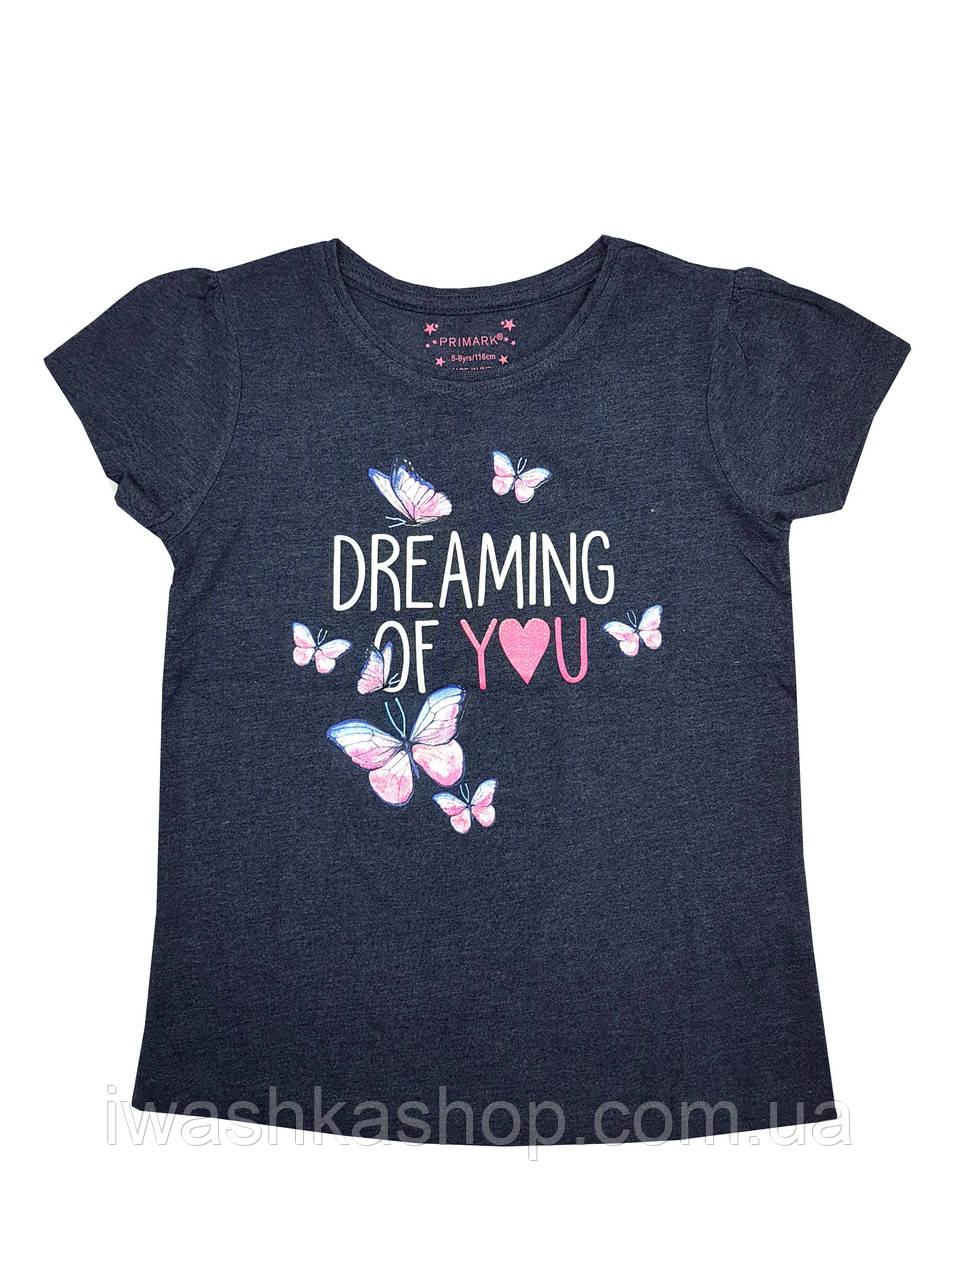 Темно-синя футболка з метеликами для дівчинки, Primark р. 122